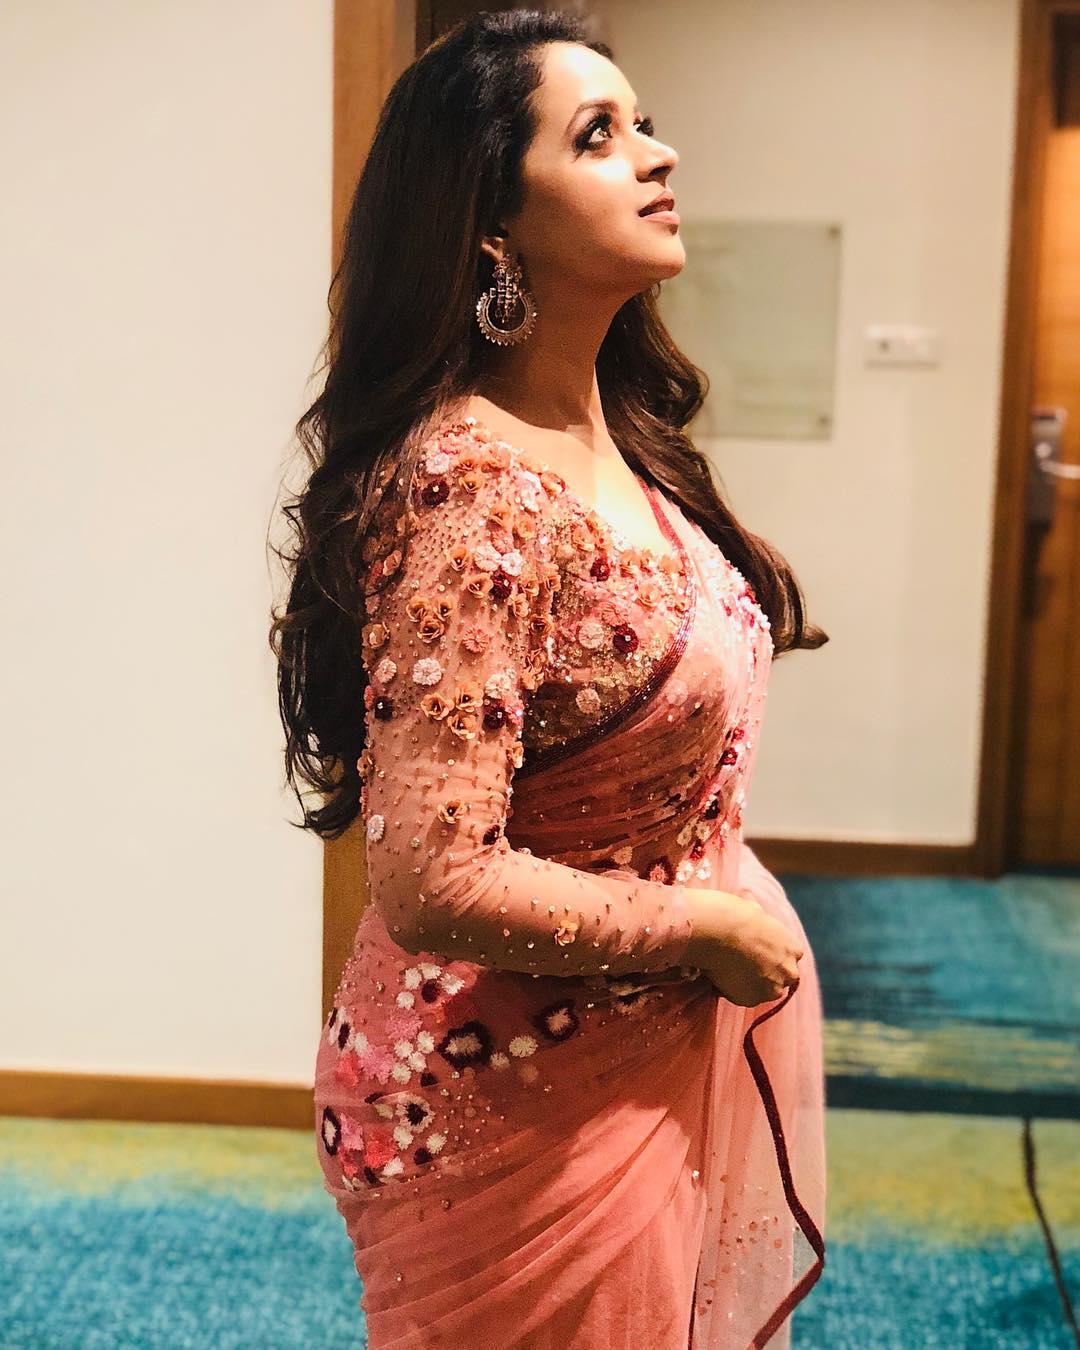 Bhavana Hot Navel Photos And Videos  Malayalam Actress -7592